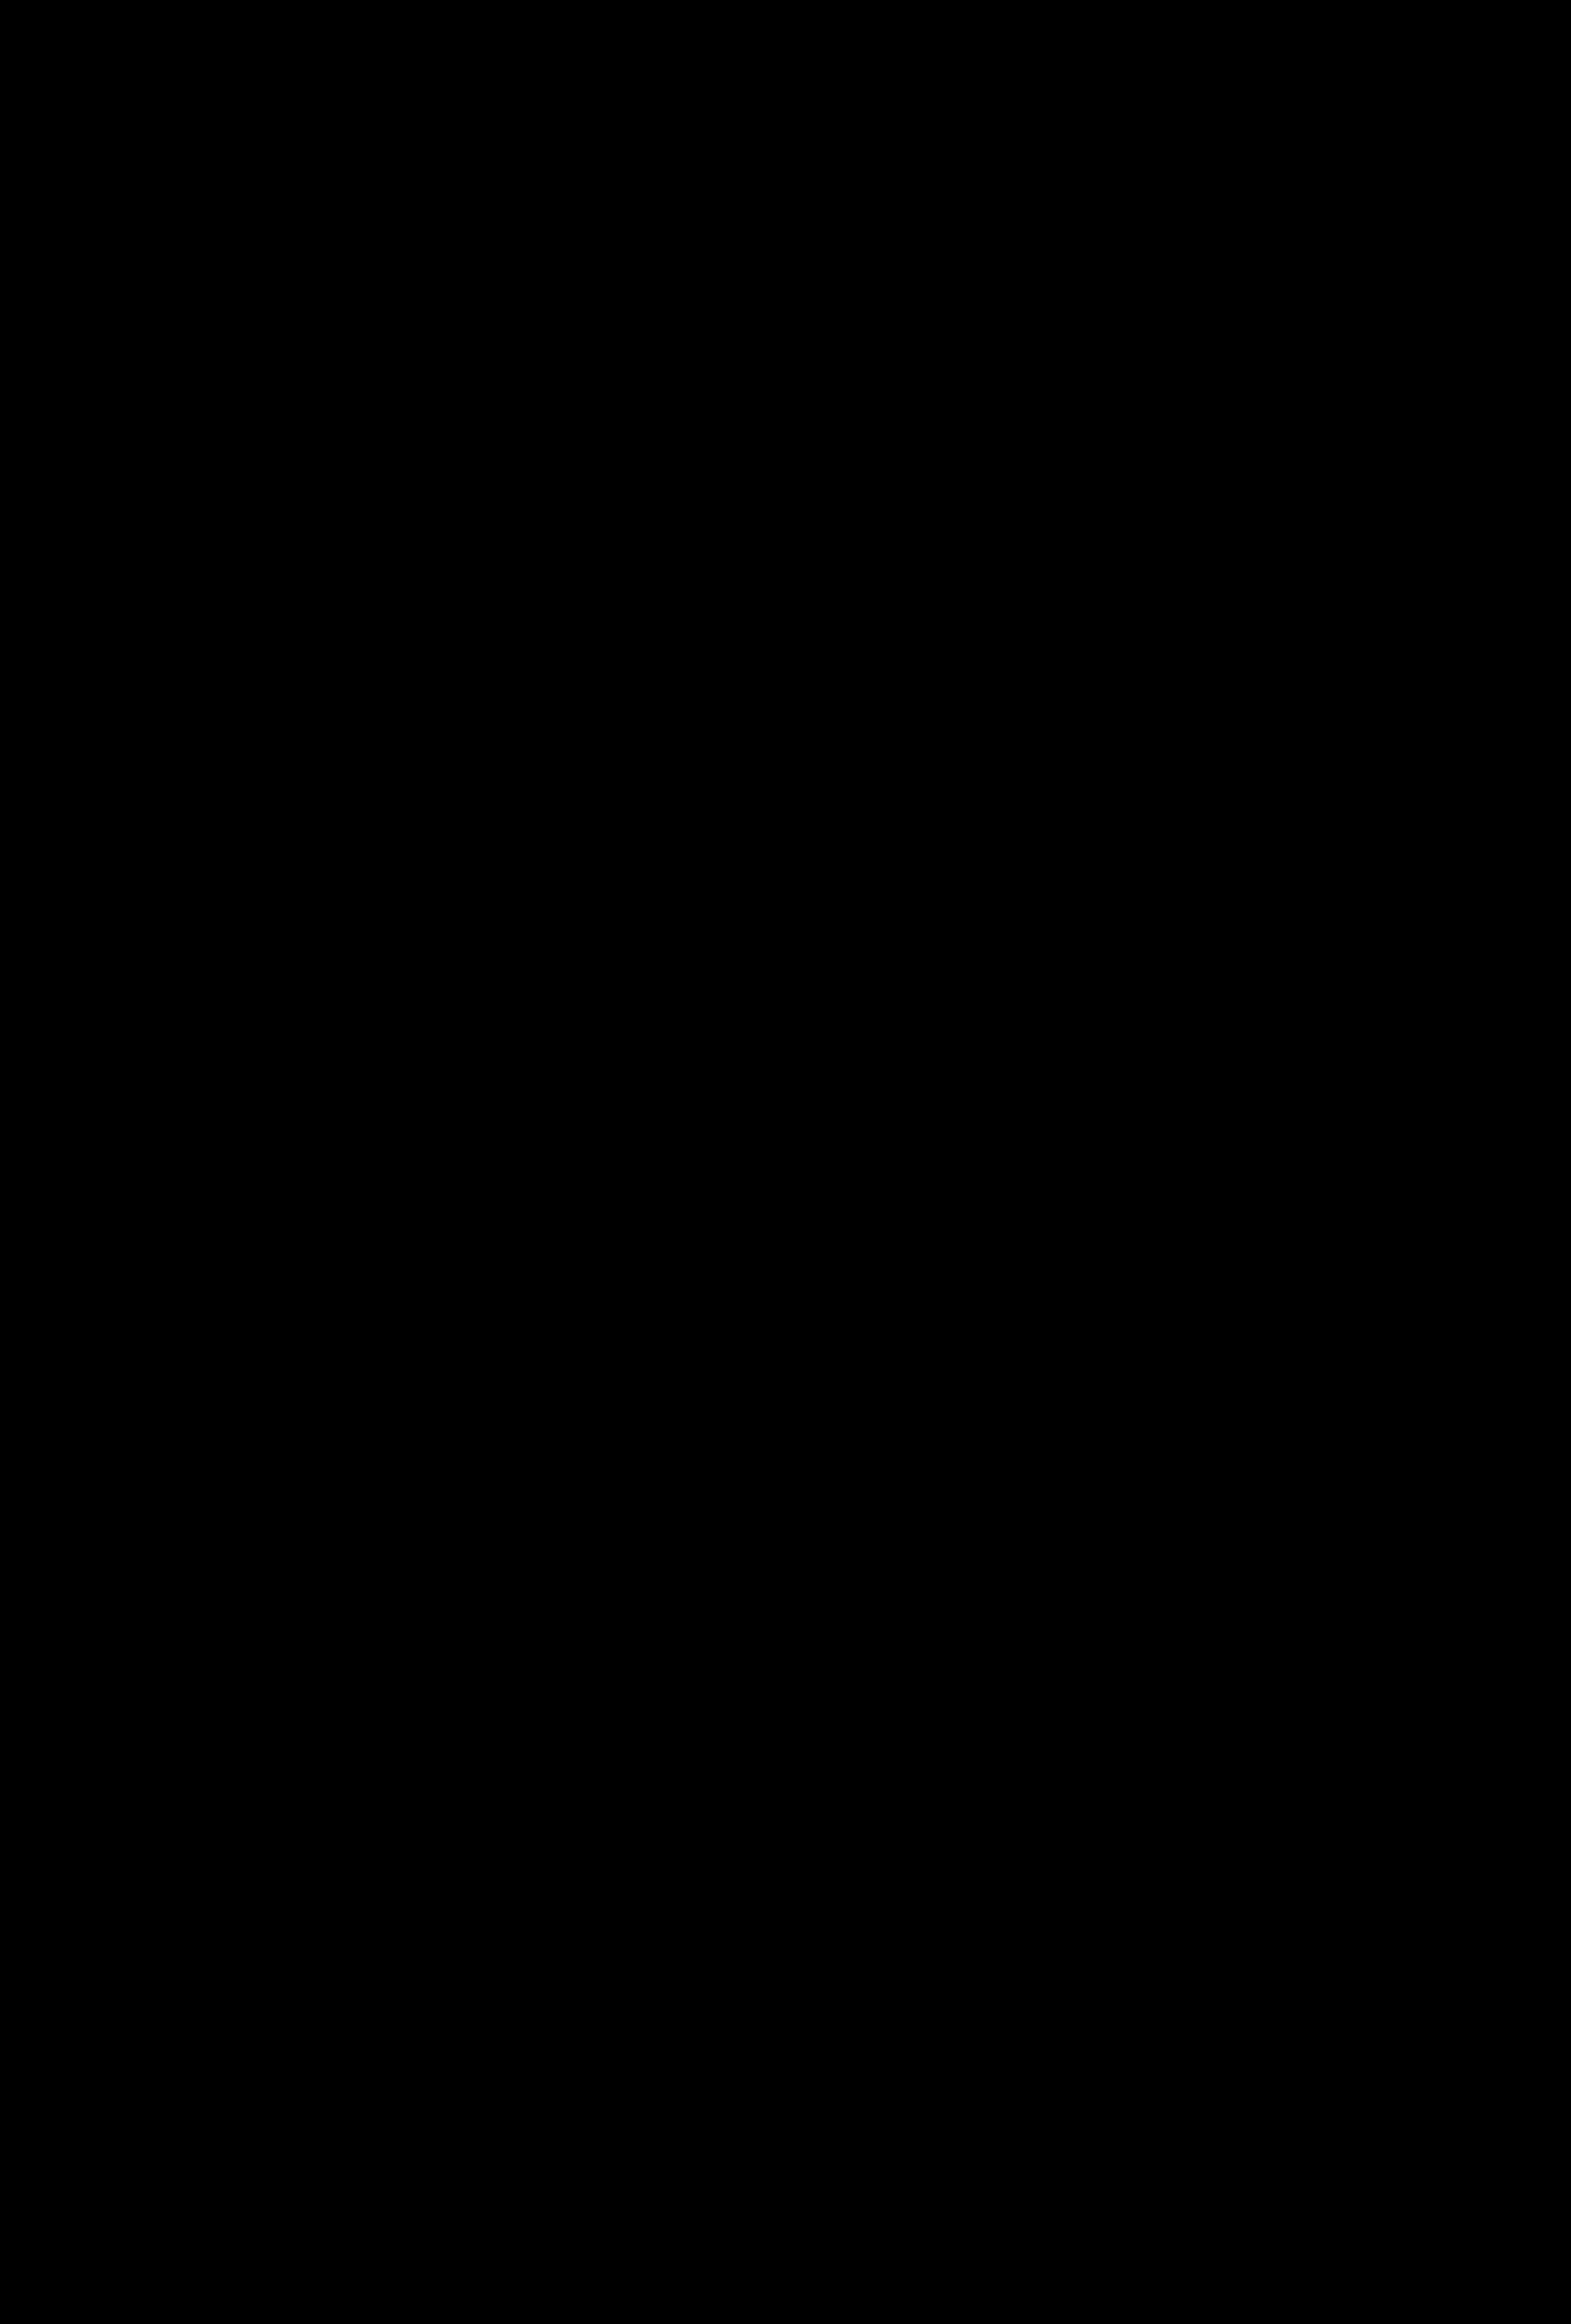 1 Stk Aufputz-Zählerverteiler 3A-24E/WIEN 3ZP, H1195B810T250mm IL160324WS